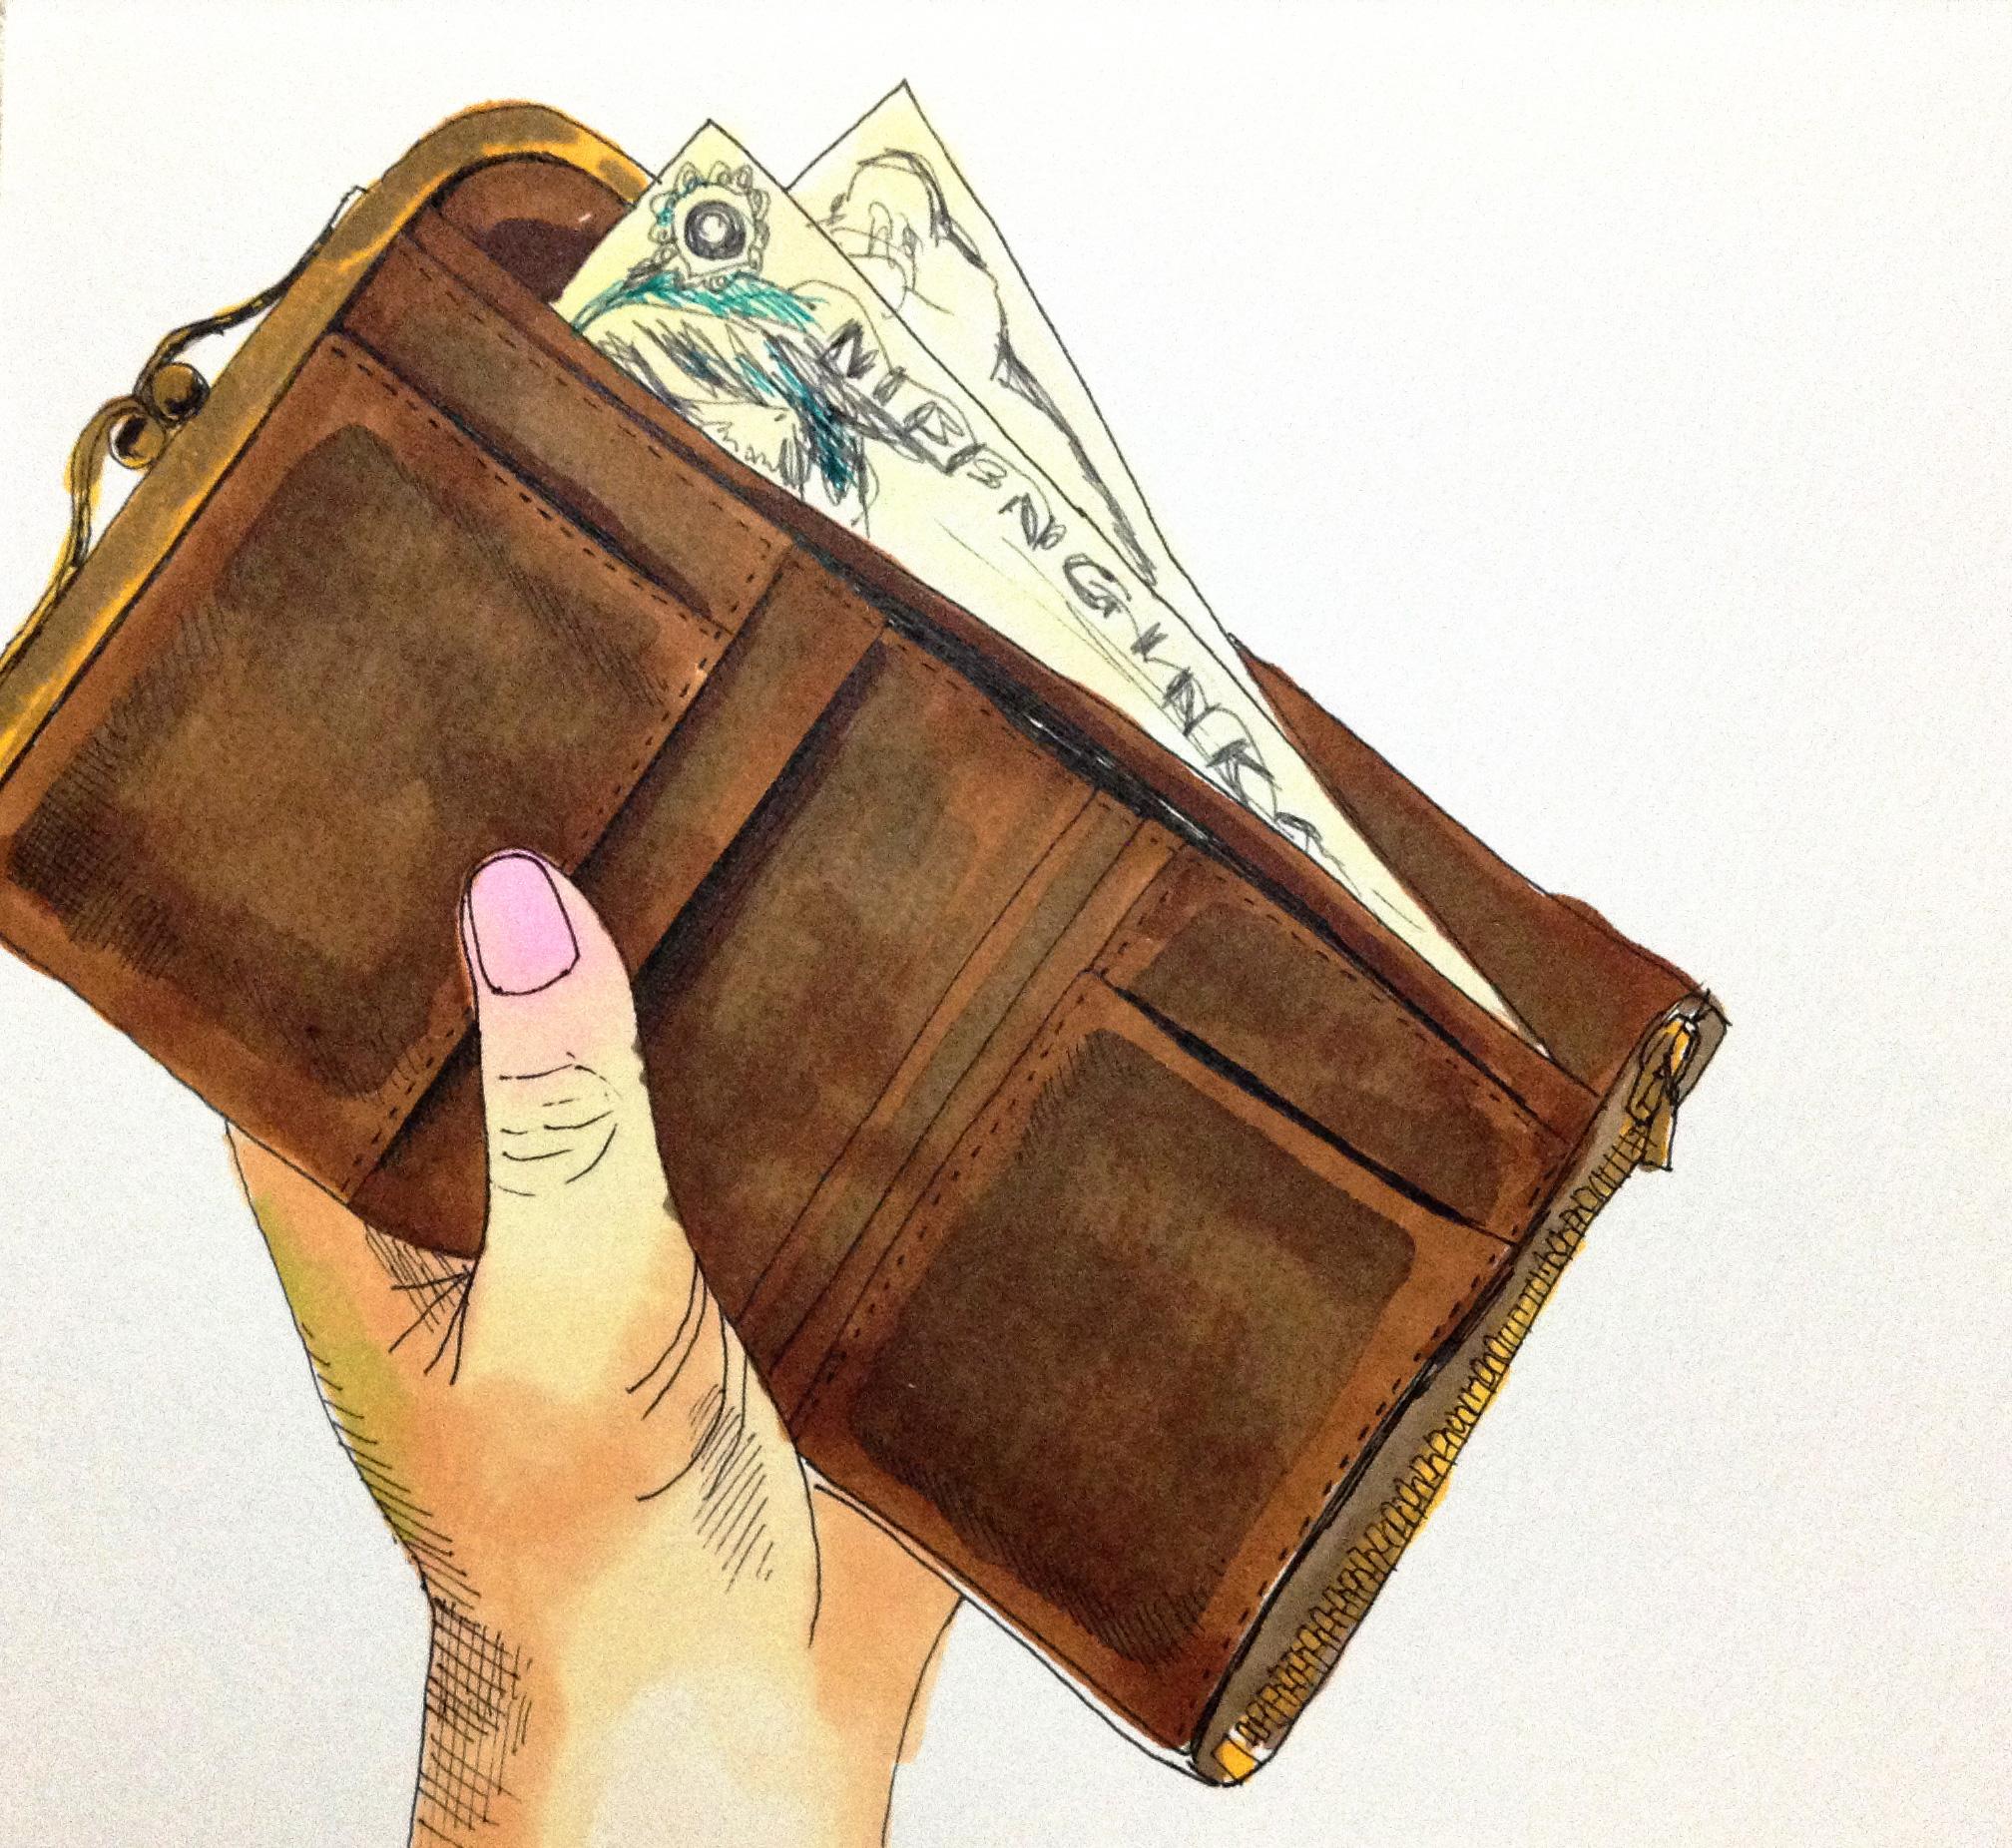 生きてゆくのに大切なお金と財布をコピックで描いたイラスト